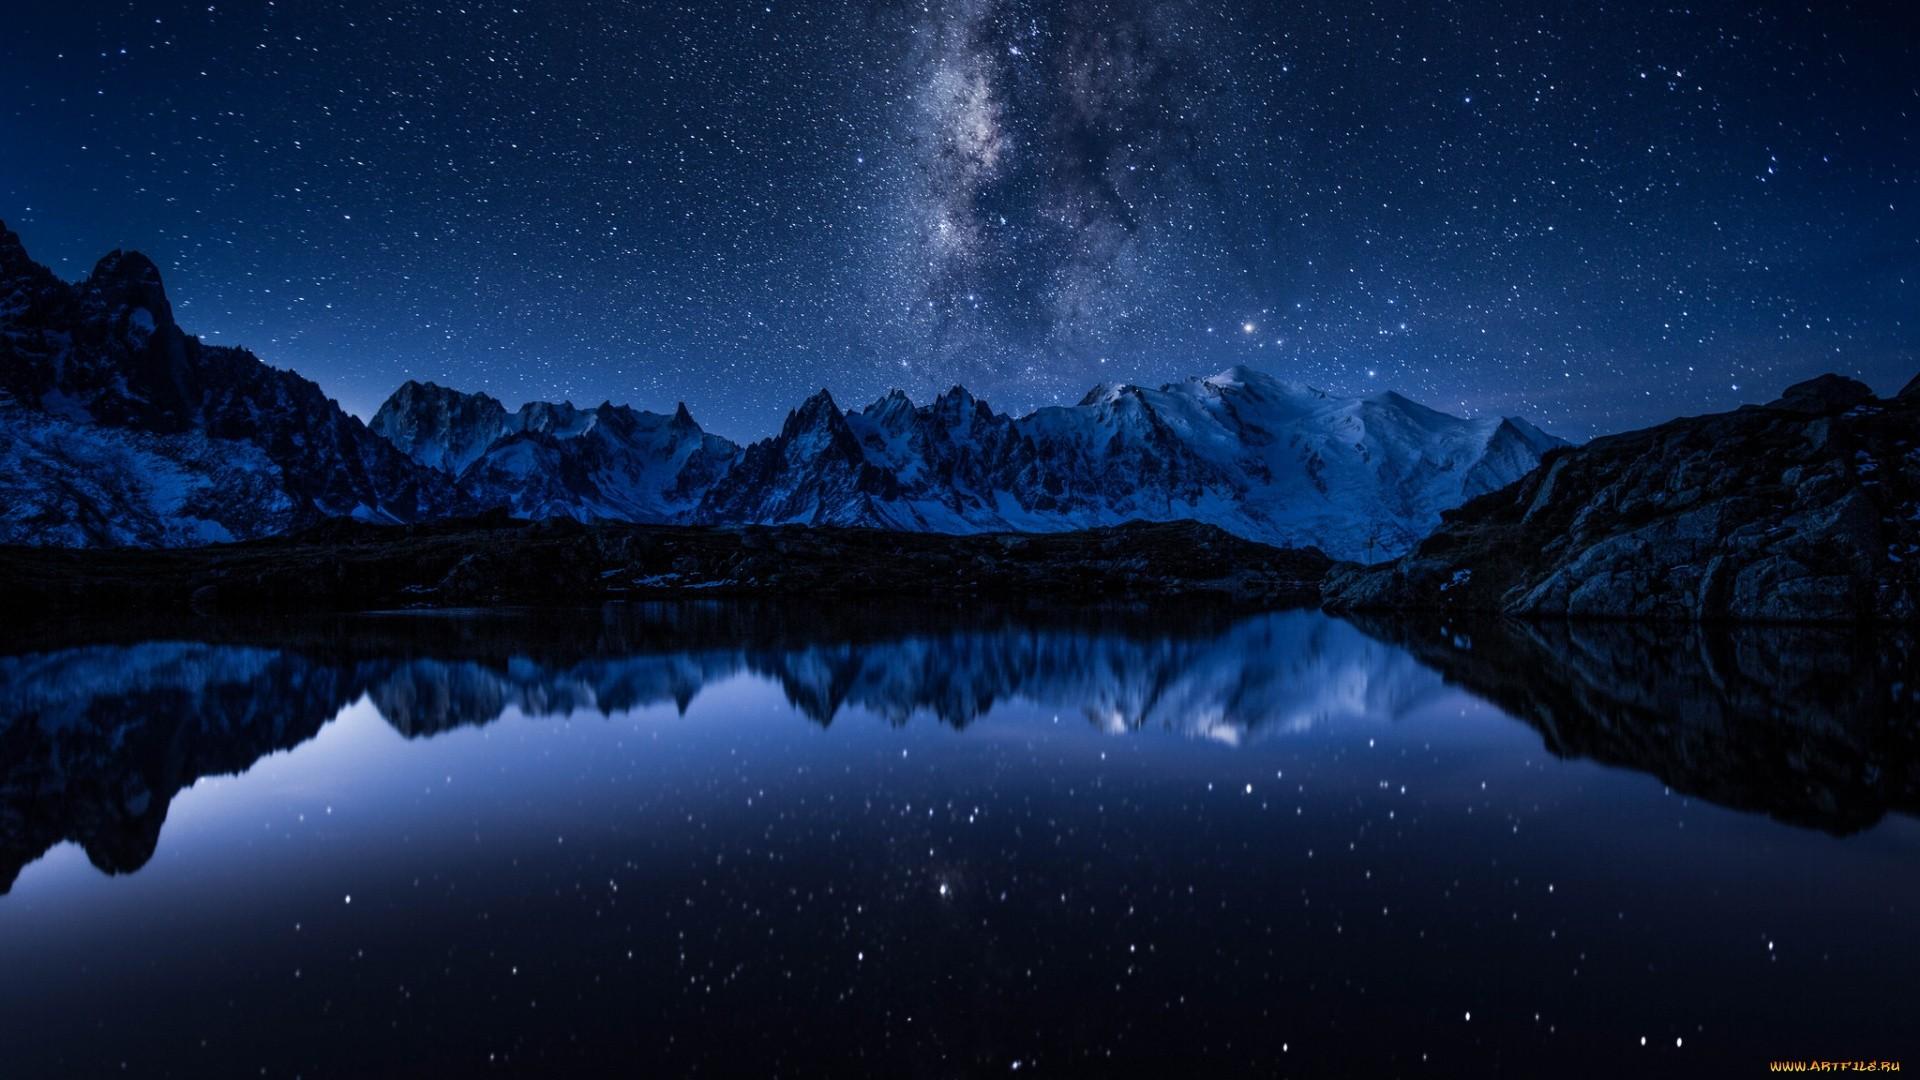 Night Desktop Wallpaper